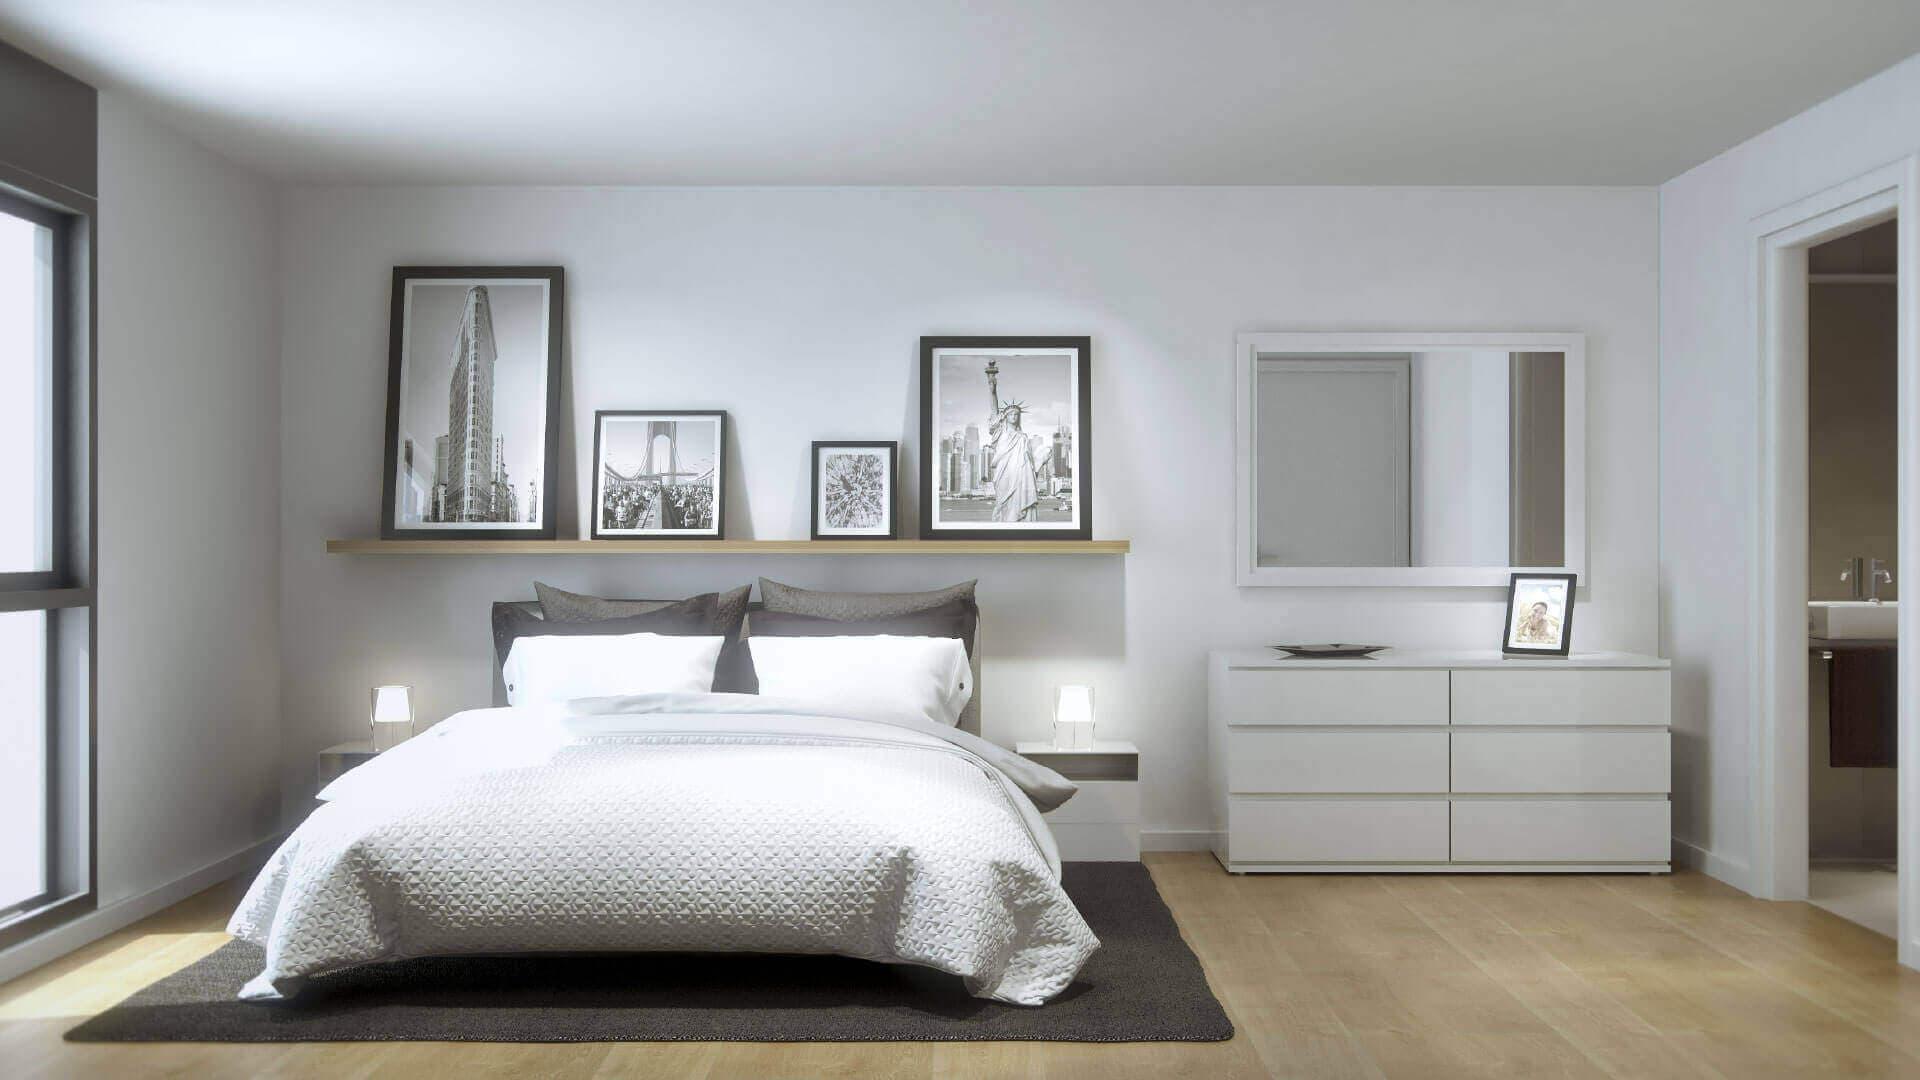 Vista interior dormitorio luminoso y espacioso Odeón Residencial